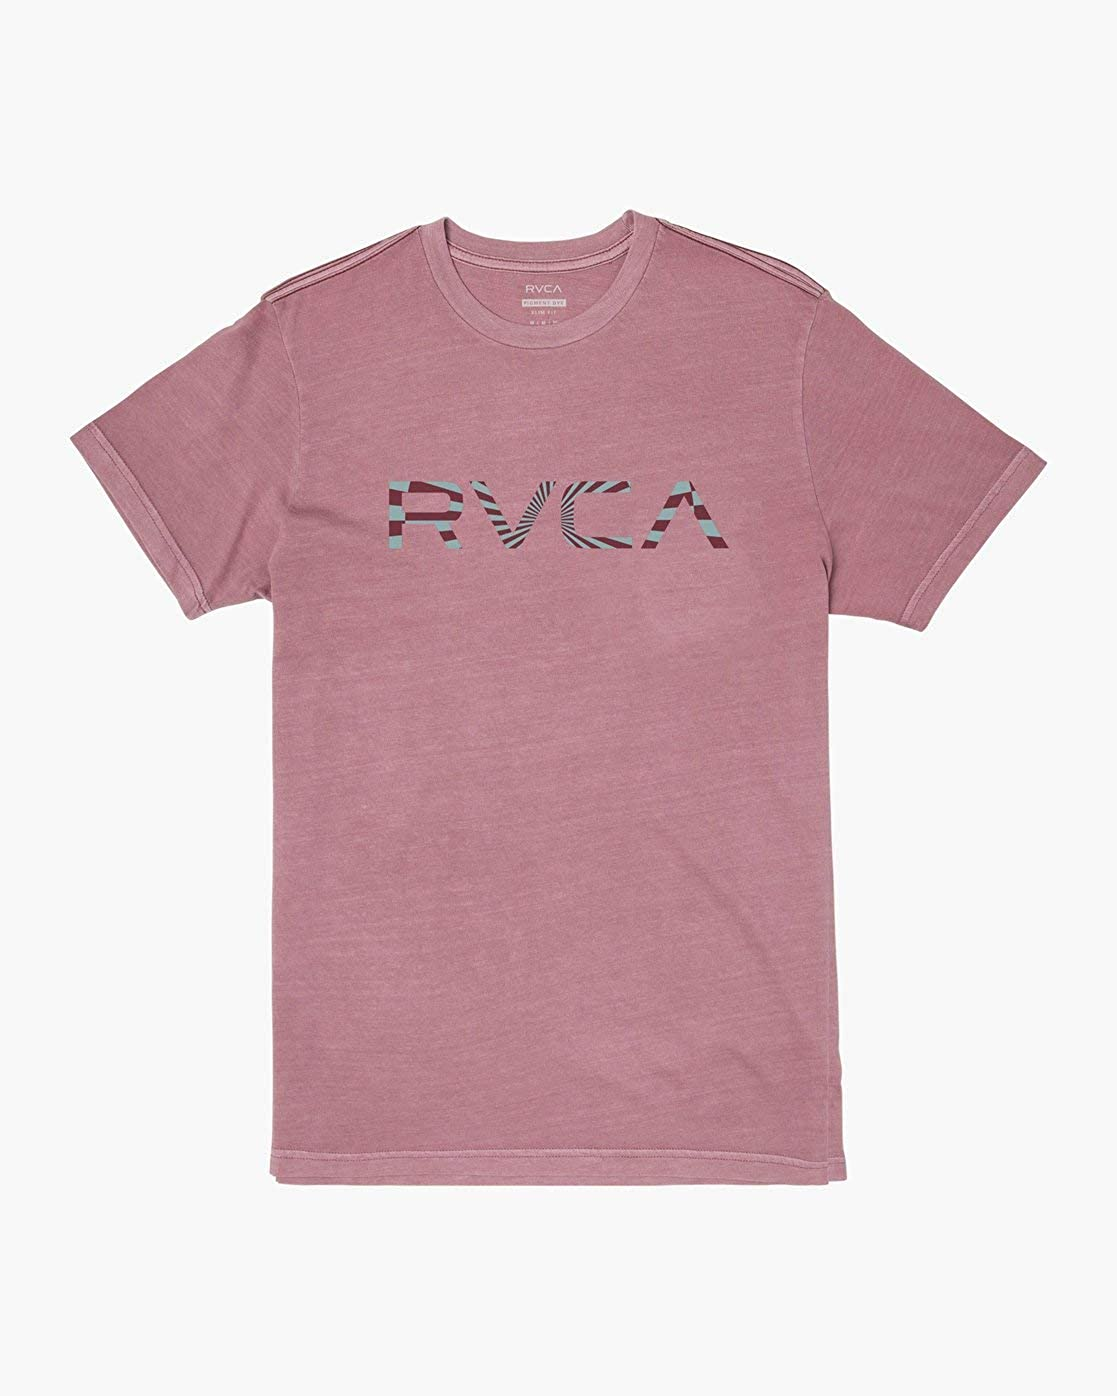 RVCA Mens Big Mayday Short Sleeve T-Shirt